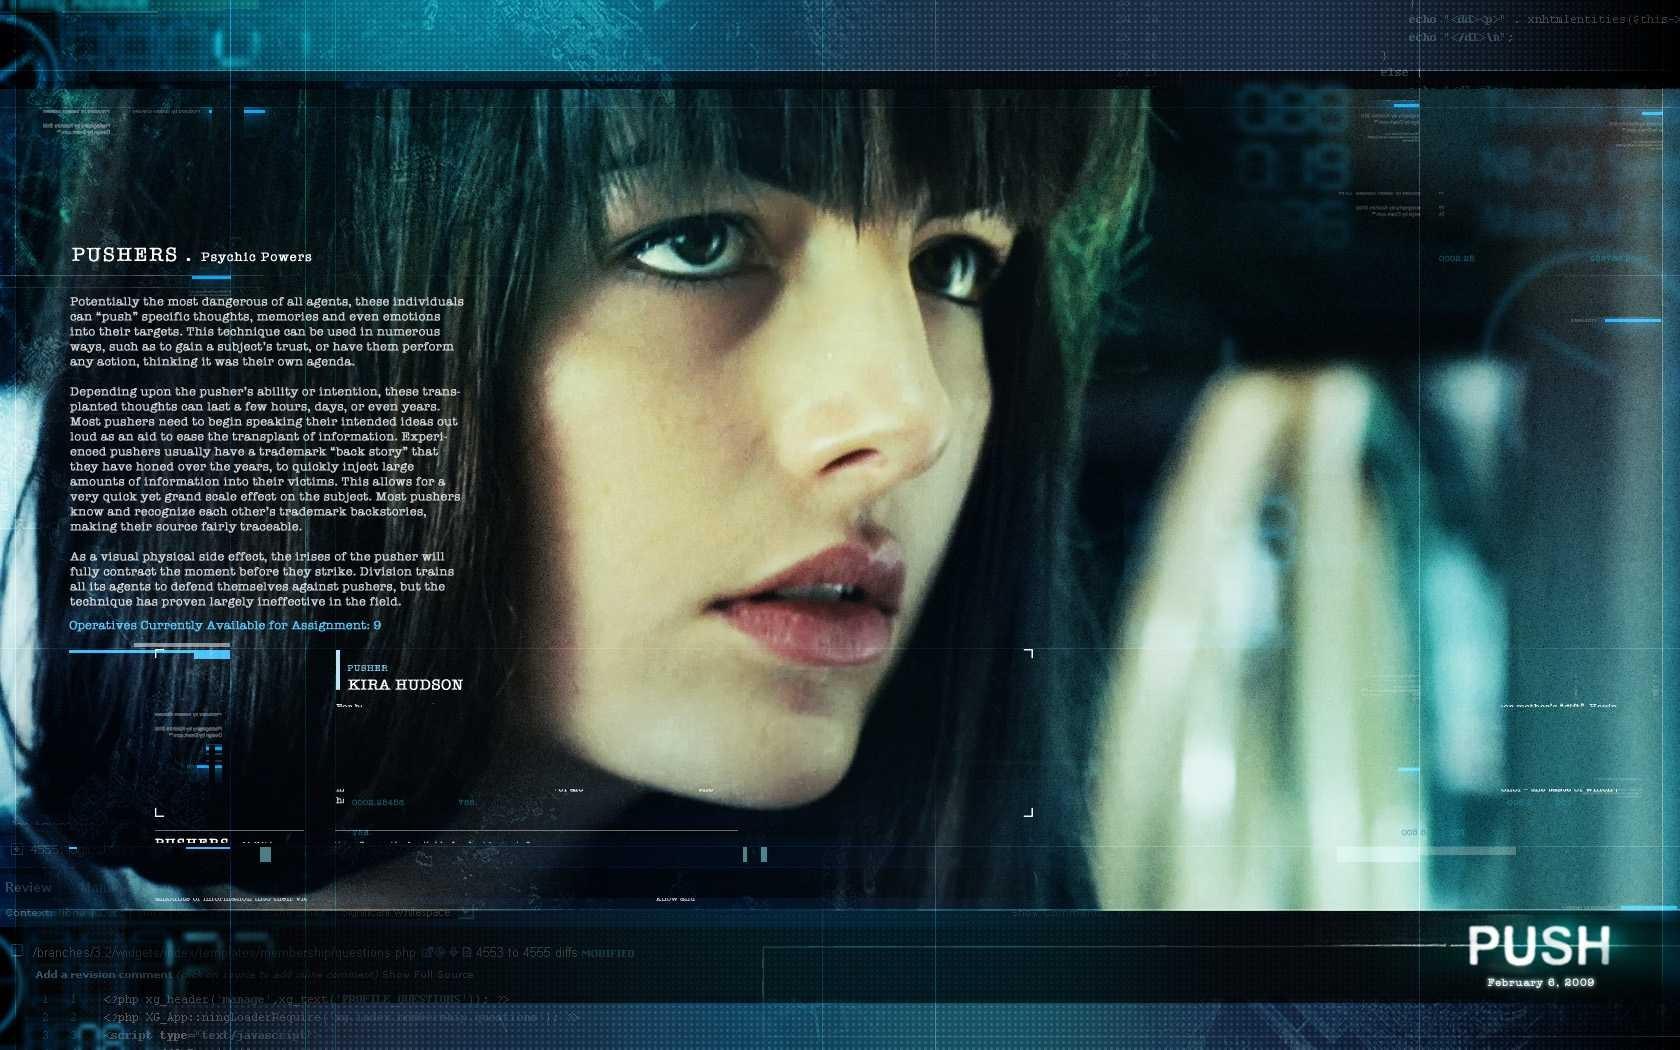 Un wallpaper del film Push con Camilla Belle